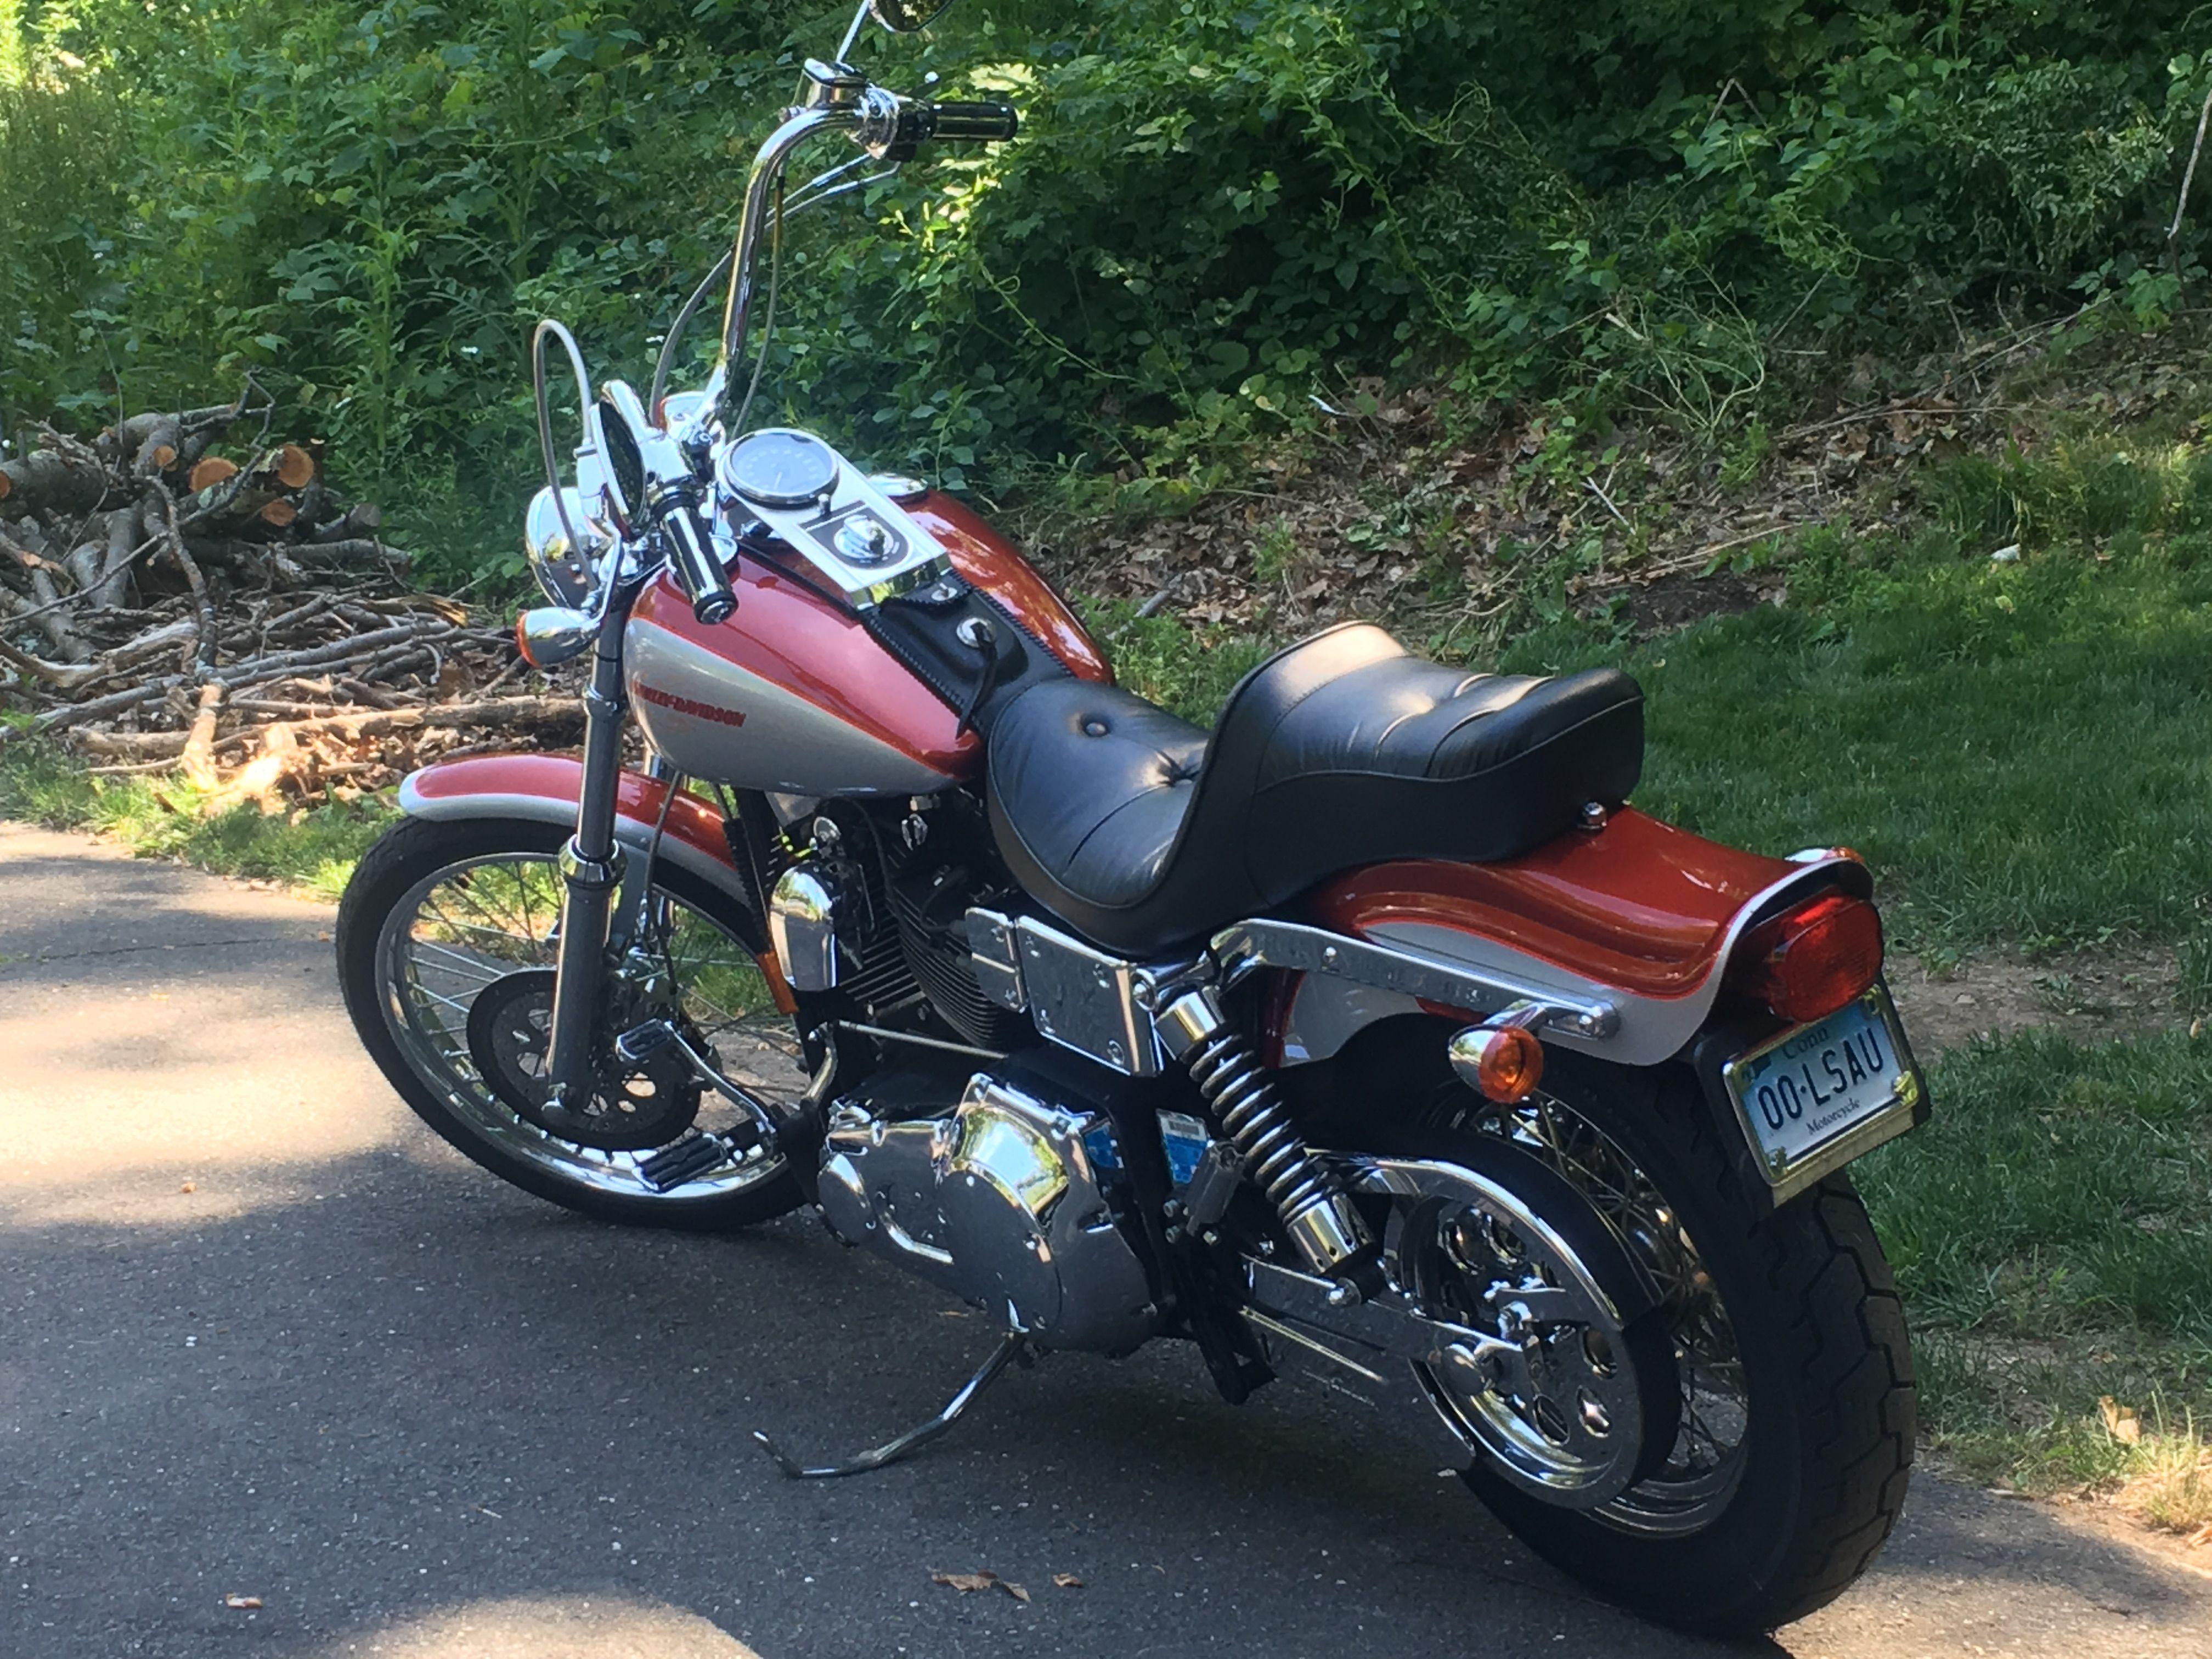 Pin by Jakub Staniszewski on Harley | Dyna wide glide ...